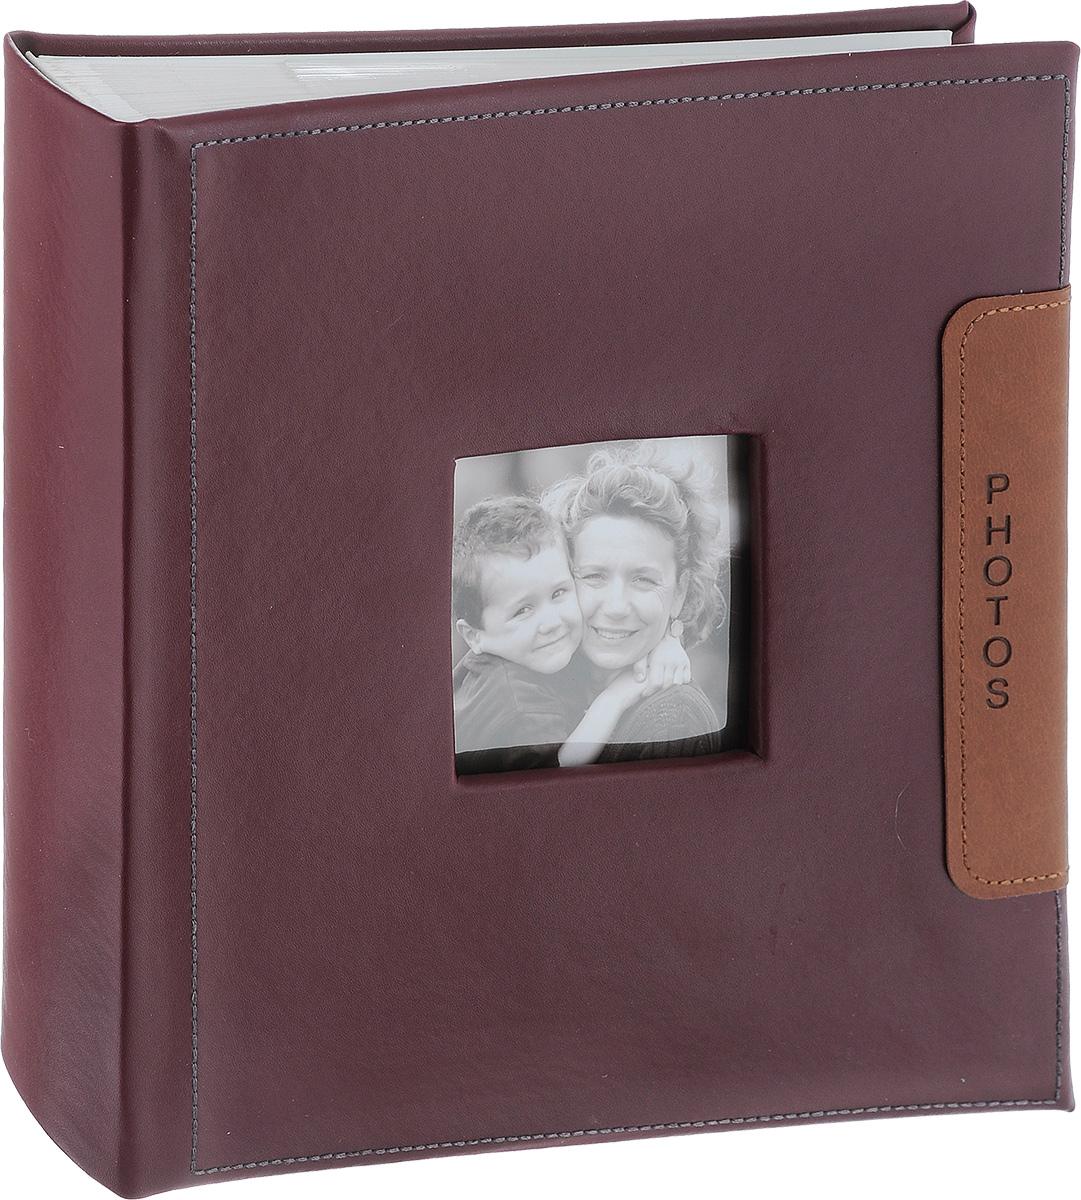 Фотоальбом Image Art, 200 фотографий, цвет: бордовый, 10 x 15 см BBM46200/2/046BBM46200/2/046_бордовыйФотоальбом Image Art поможет красиво оформить ваши самые интересные фотографии. Обложка выполнена из толстого картона. С лицевой стороны обложки имеется окошко для вашей самой любимой фотографии. Внутри содержится блок из 50 белых листов с фиксаторами-окошками из полипропилена. Альбом рассчитан на 200 фотографий формата 10 см х 15 см (по 2 фотографии на странице). Для фотографий предусмотрено поле для записей. Переплет - книжный. Нам всегда так приятно вспоминать о самых счастливых моментах жизни, запечатленных на фотографиях. Поэтому фотоальбом является универсальным подарком к любому празднику.Количество листов: 50.